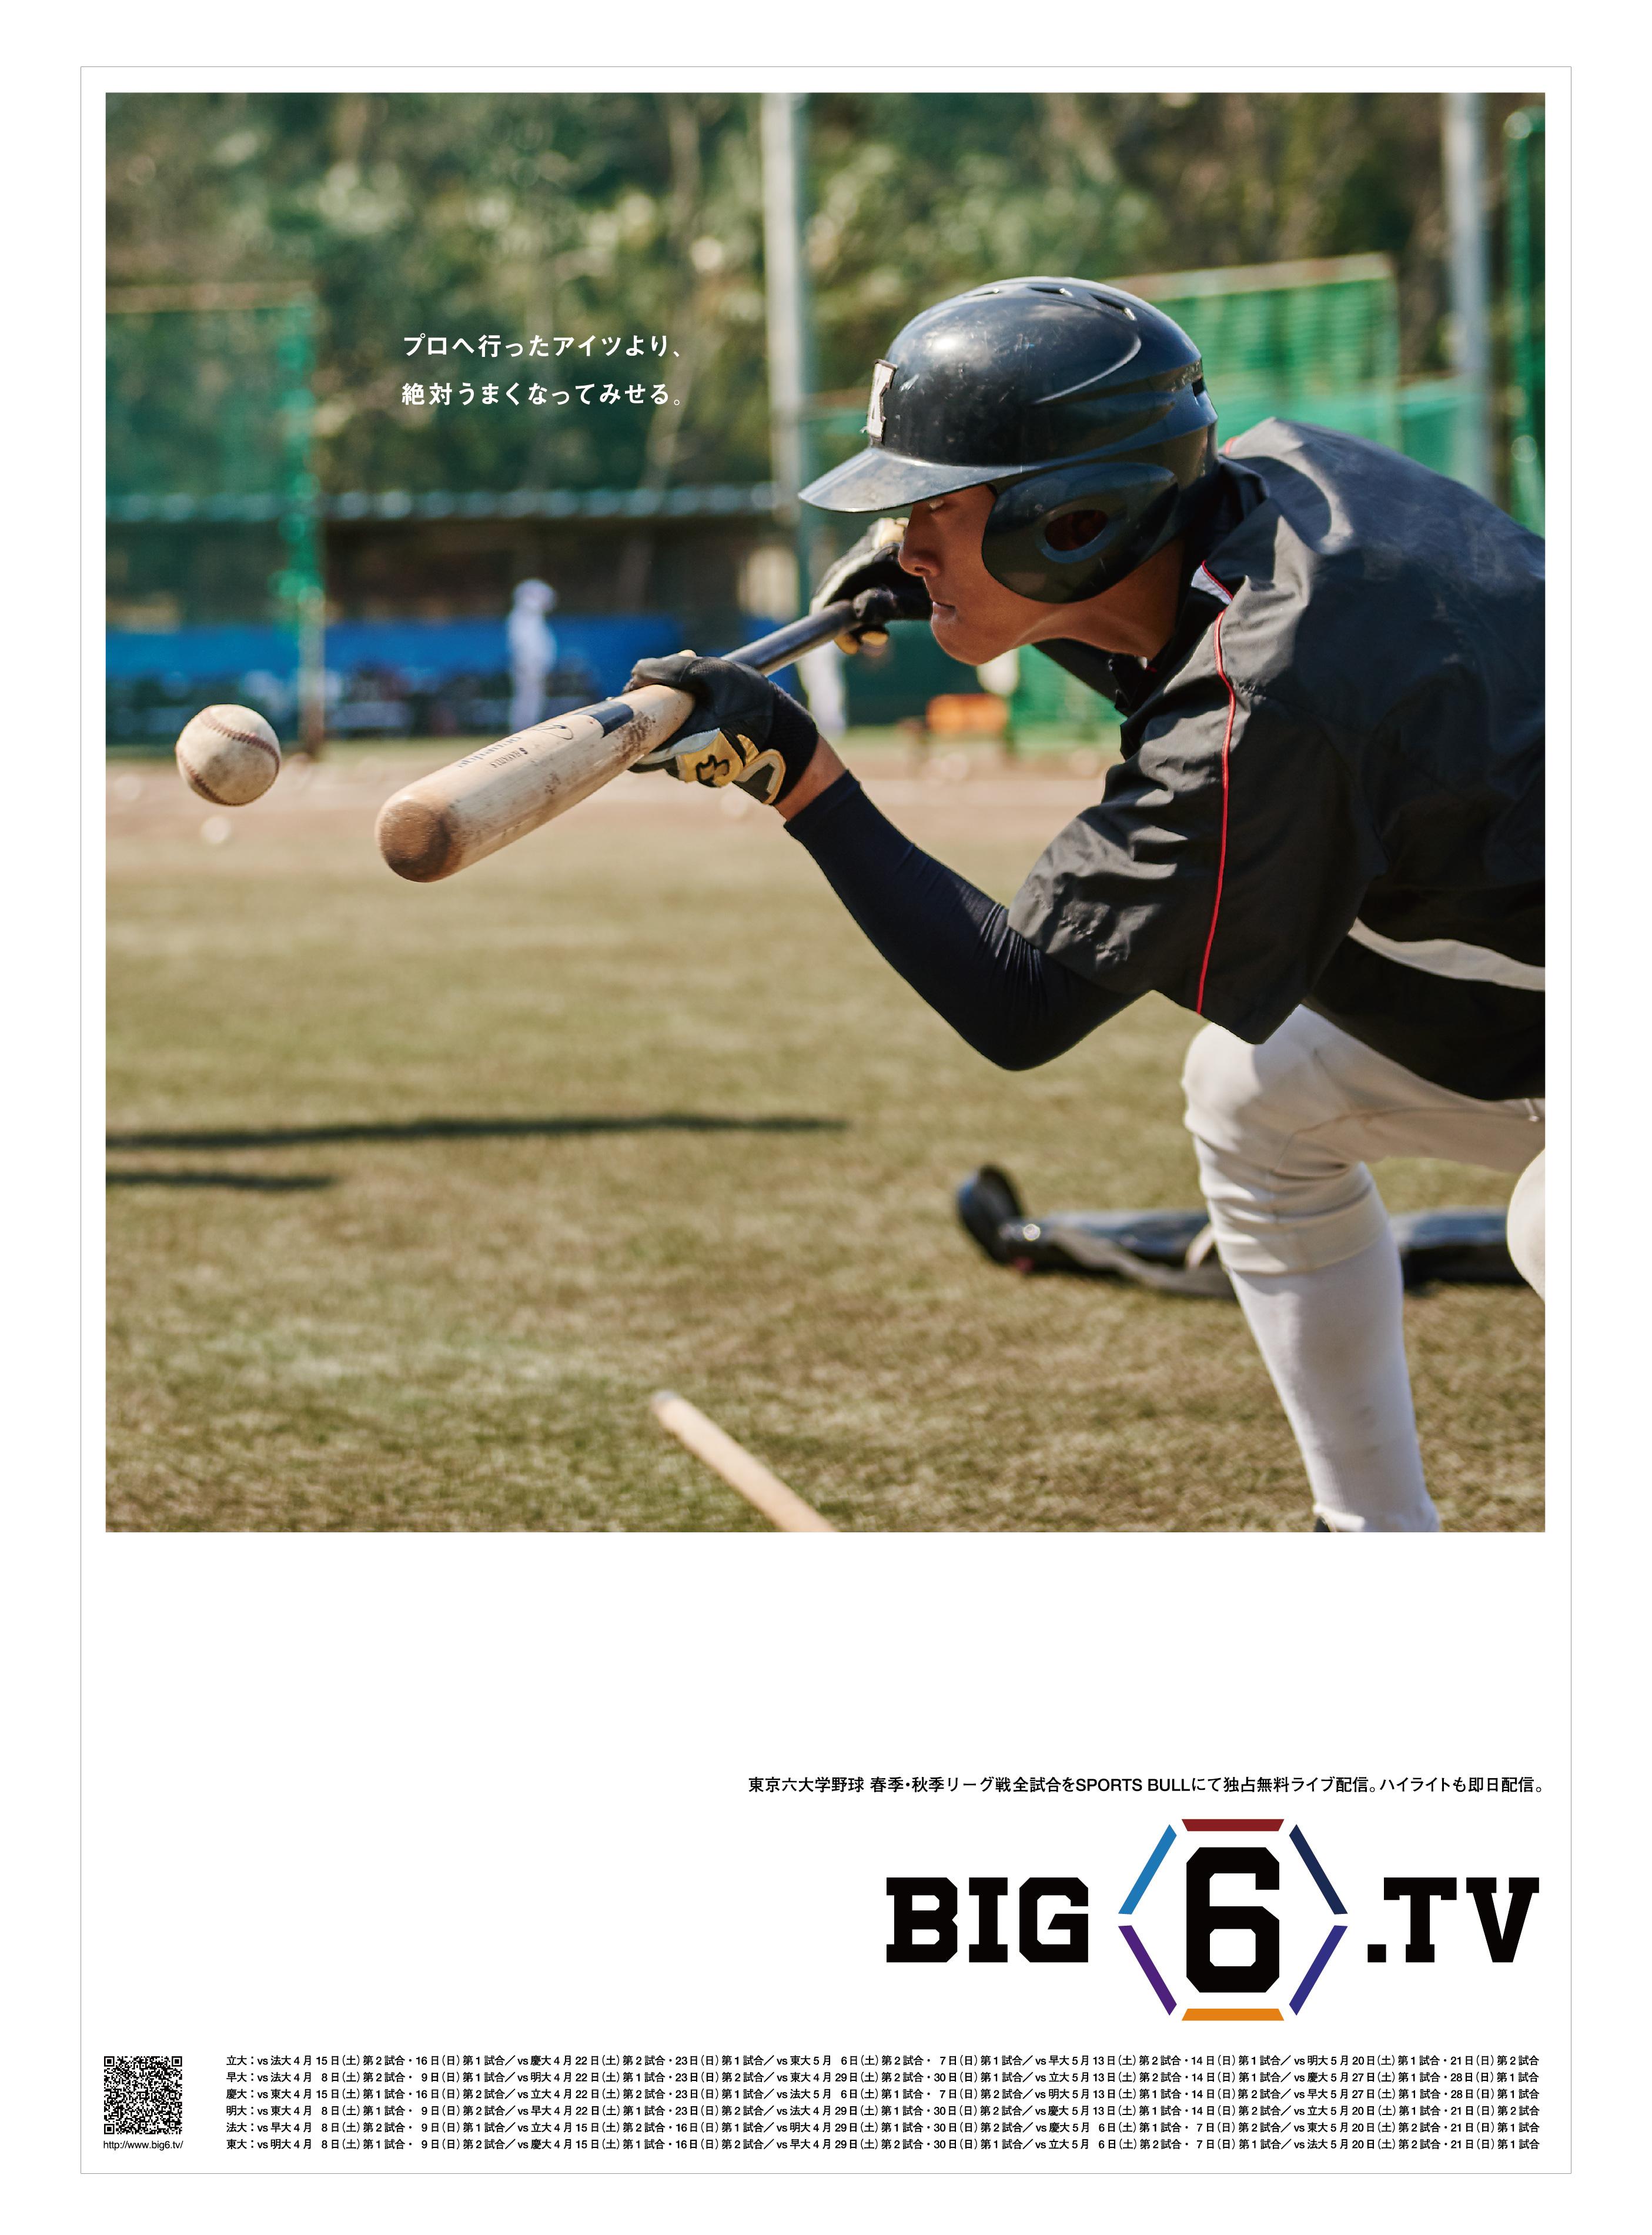 big6-26